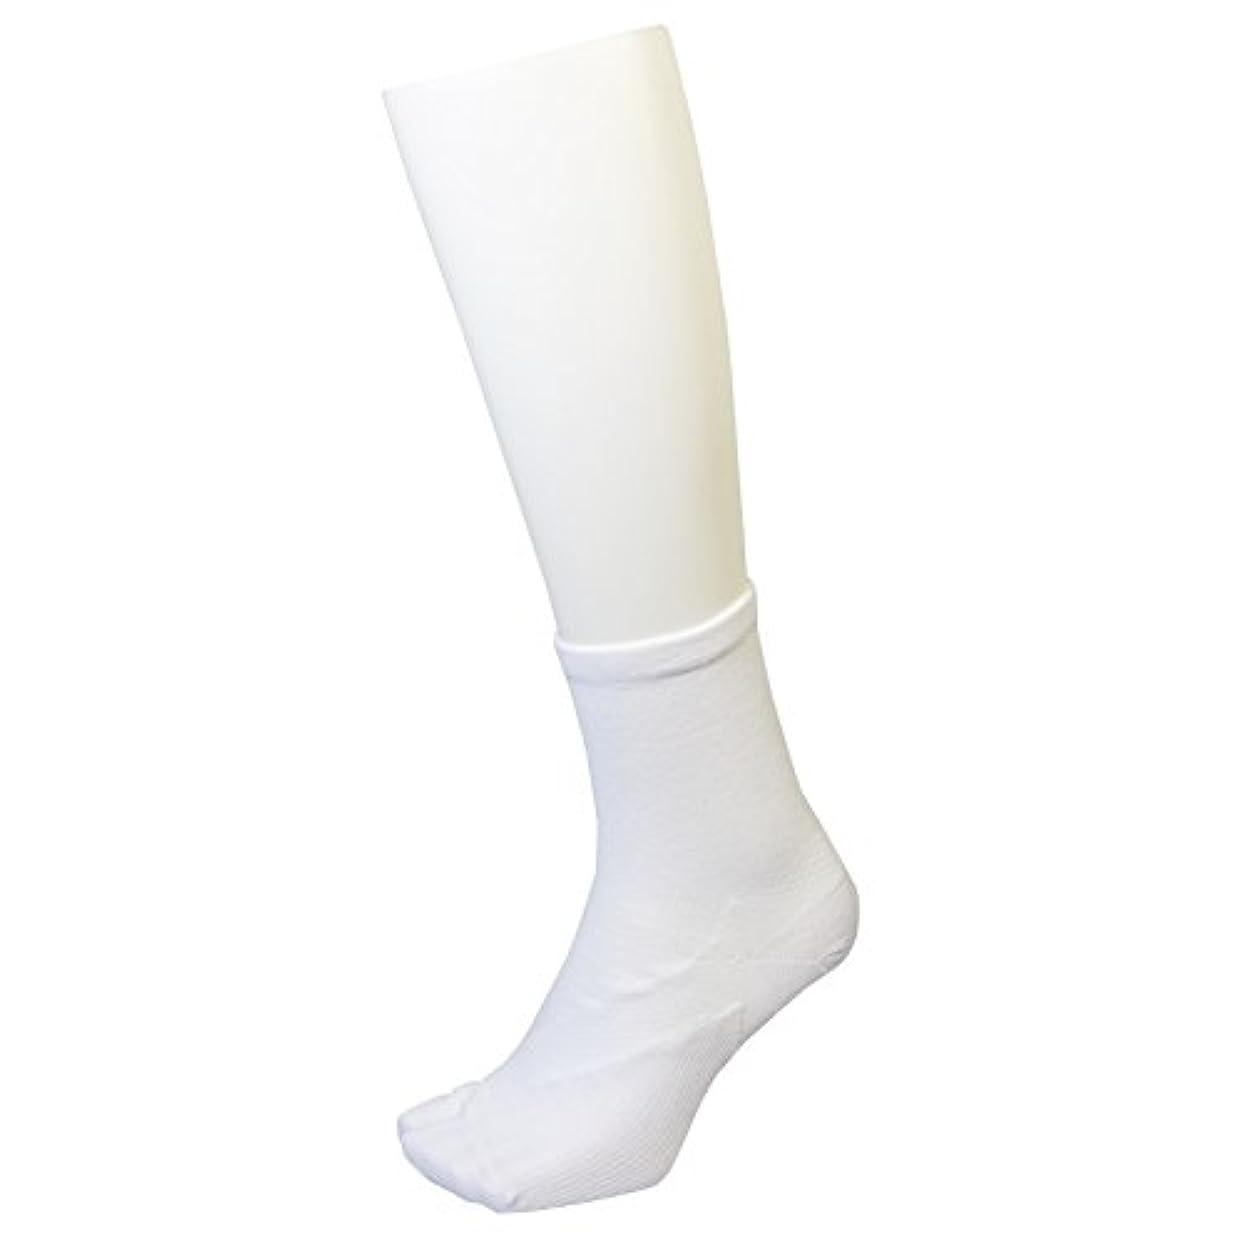 不要スケルトン証言さとう式 フレクサーソックス クルー 白 (S) 足袋型